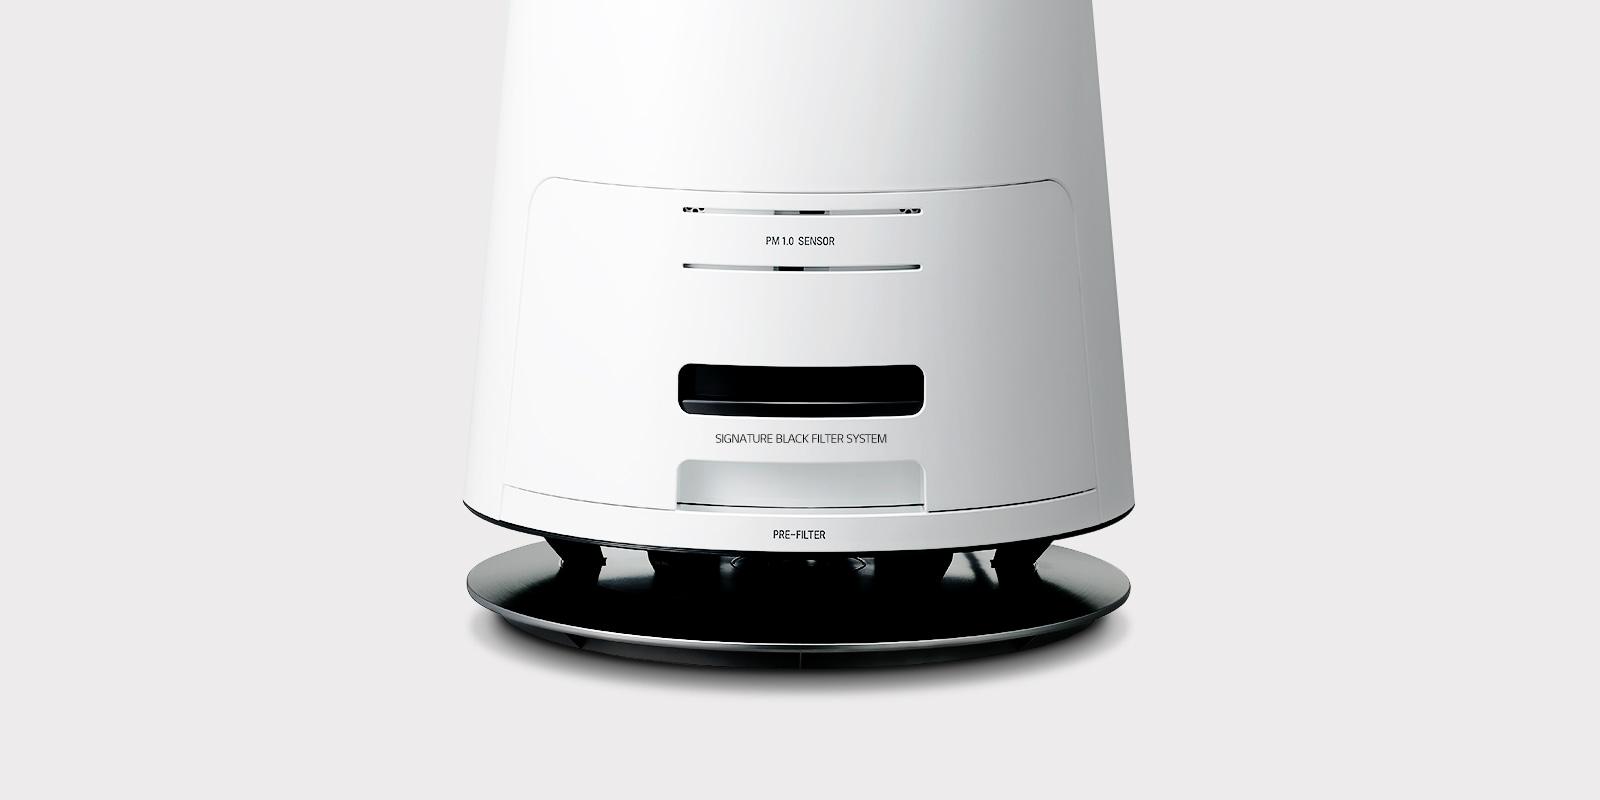 Нижня частина очищувача повітря LG SIGNATURE з чорним фільтром, приєднаним до унікальній системі фільтрації.